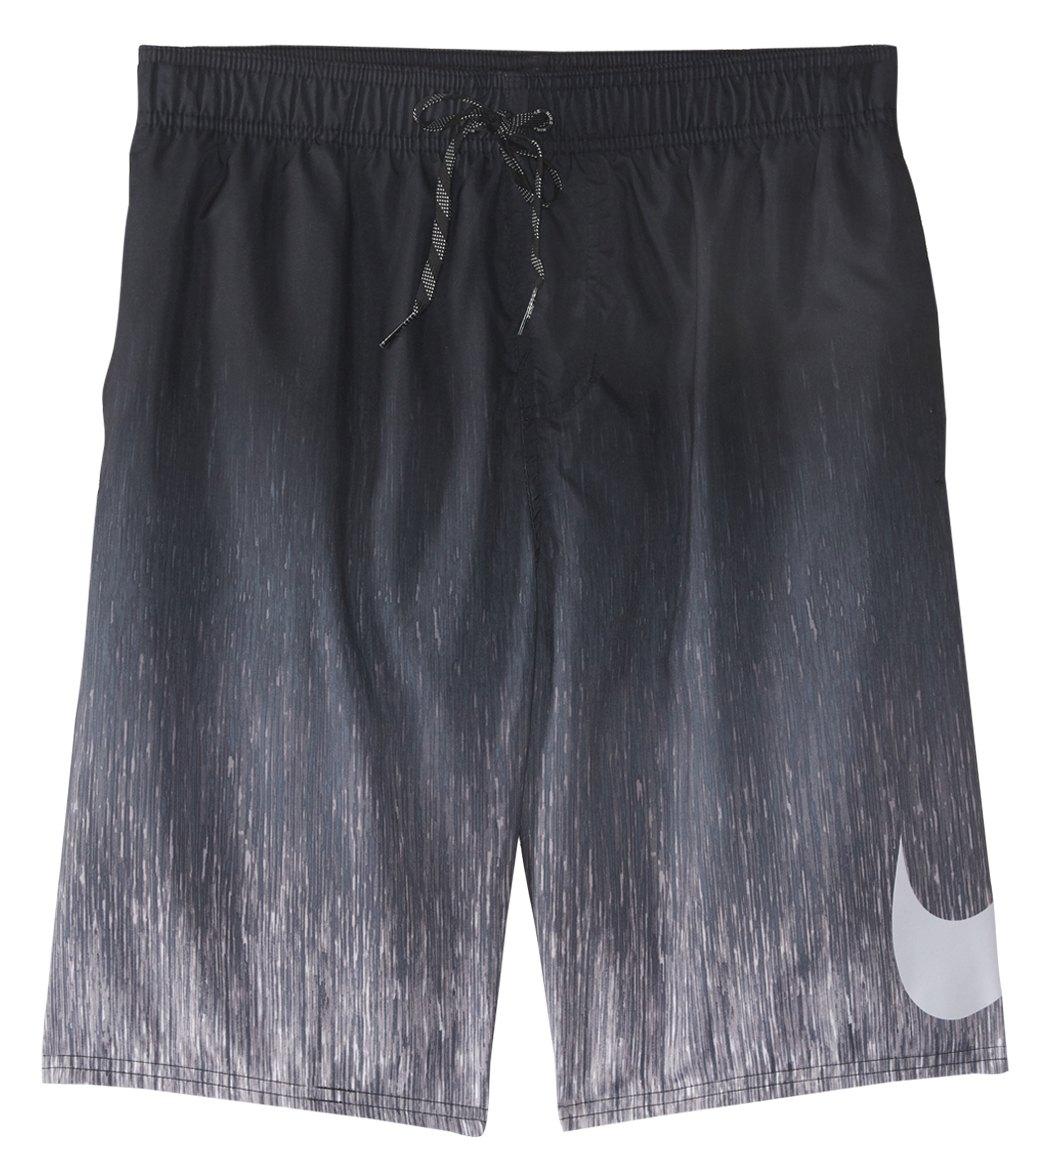 8e9337dde33d1 Nike Men's Breaker 9